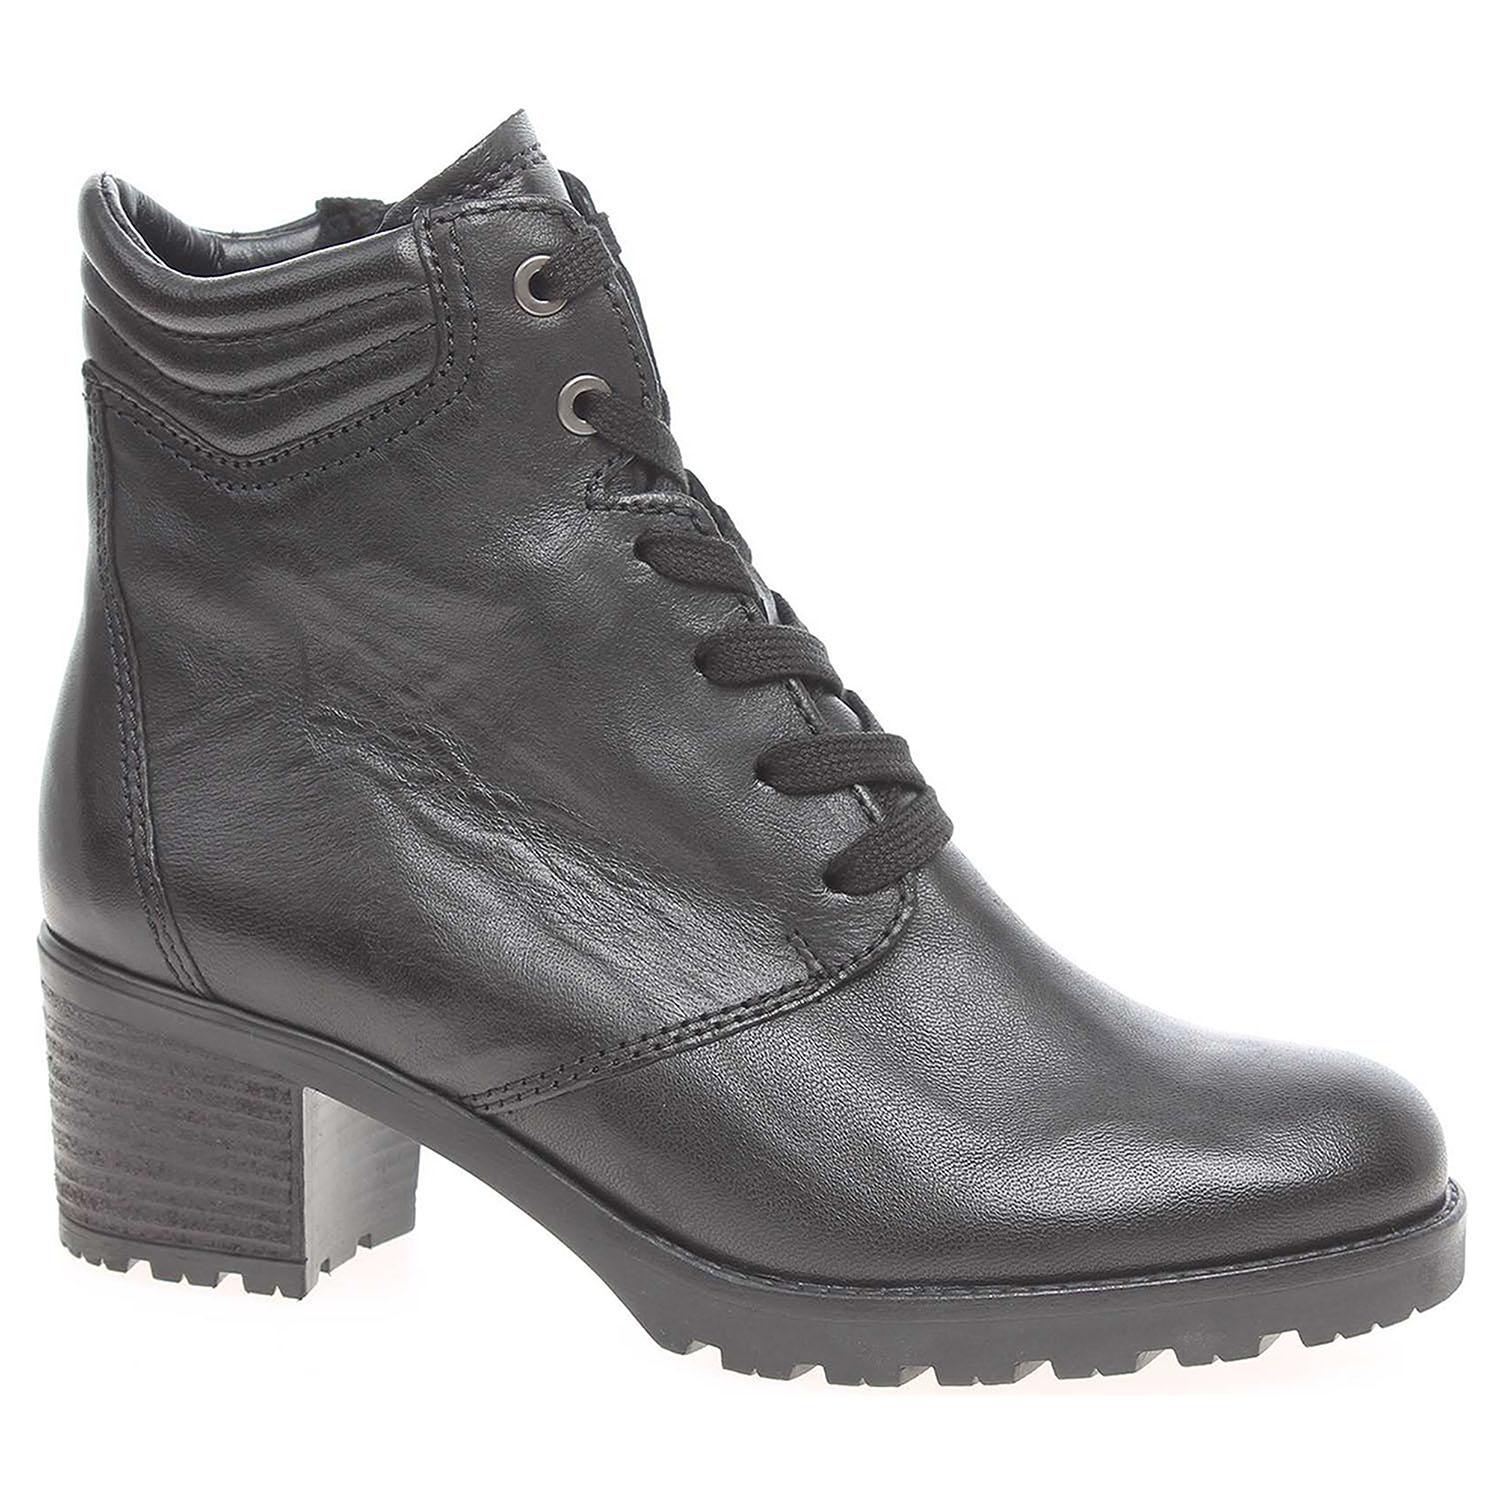 Dámská kotníková obuv Gabor 72.805.92 černé 72.805.92 36